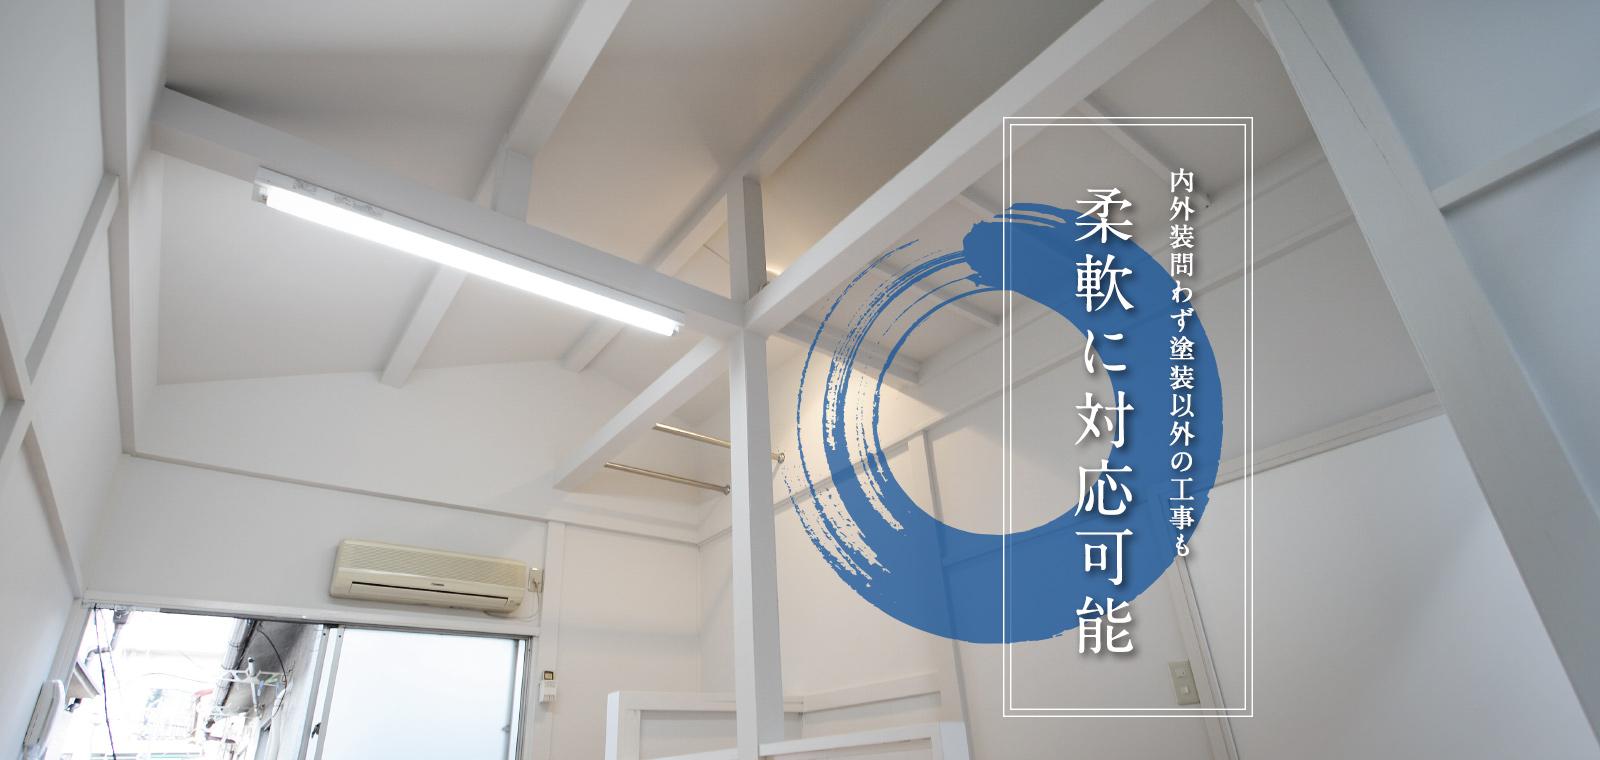 内外装問わず塗装以外の工事も柔軟に対応可能